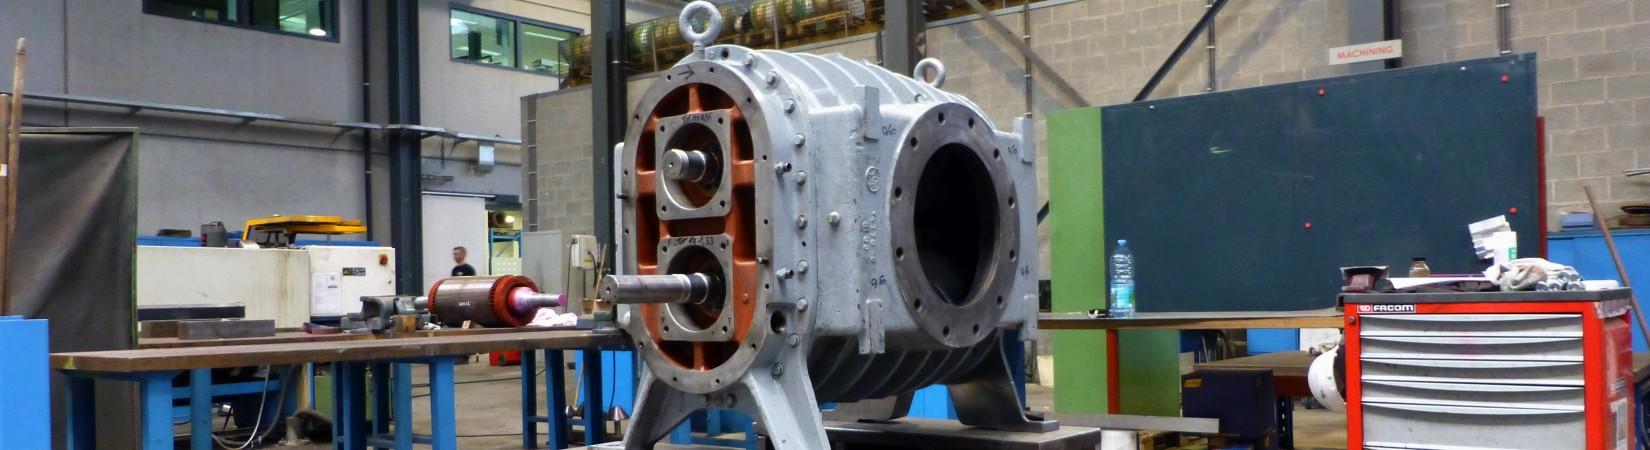 Maintenance and repairs of blowers | Aerzen, Dresser-Rand, Ebara